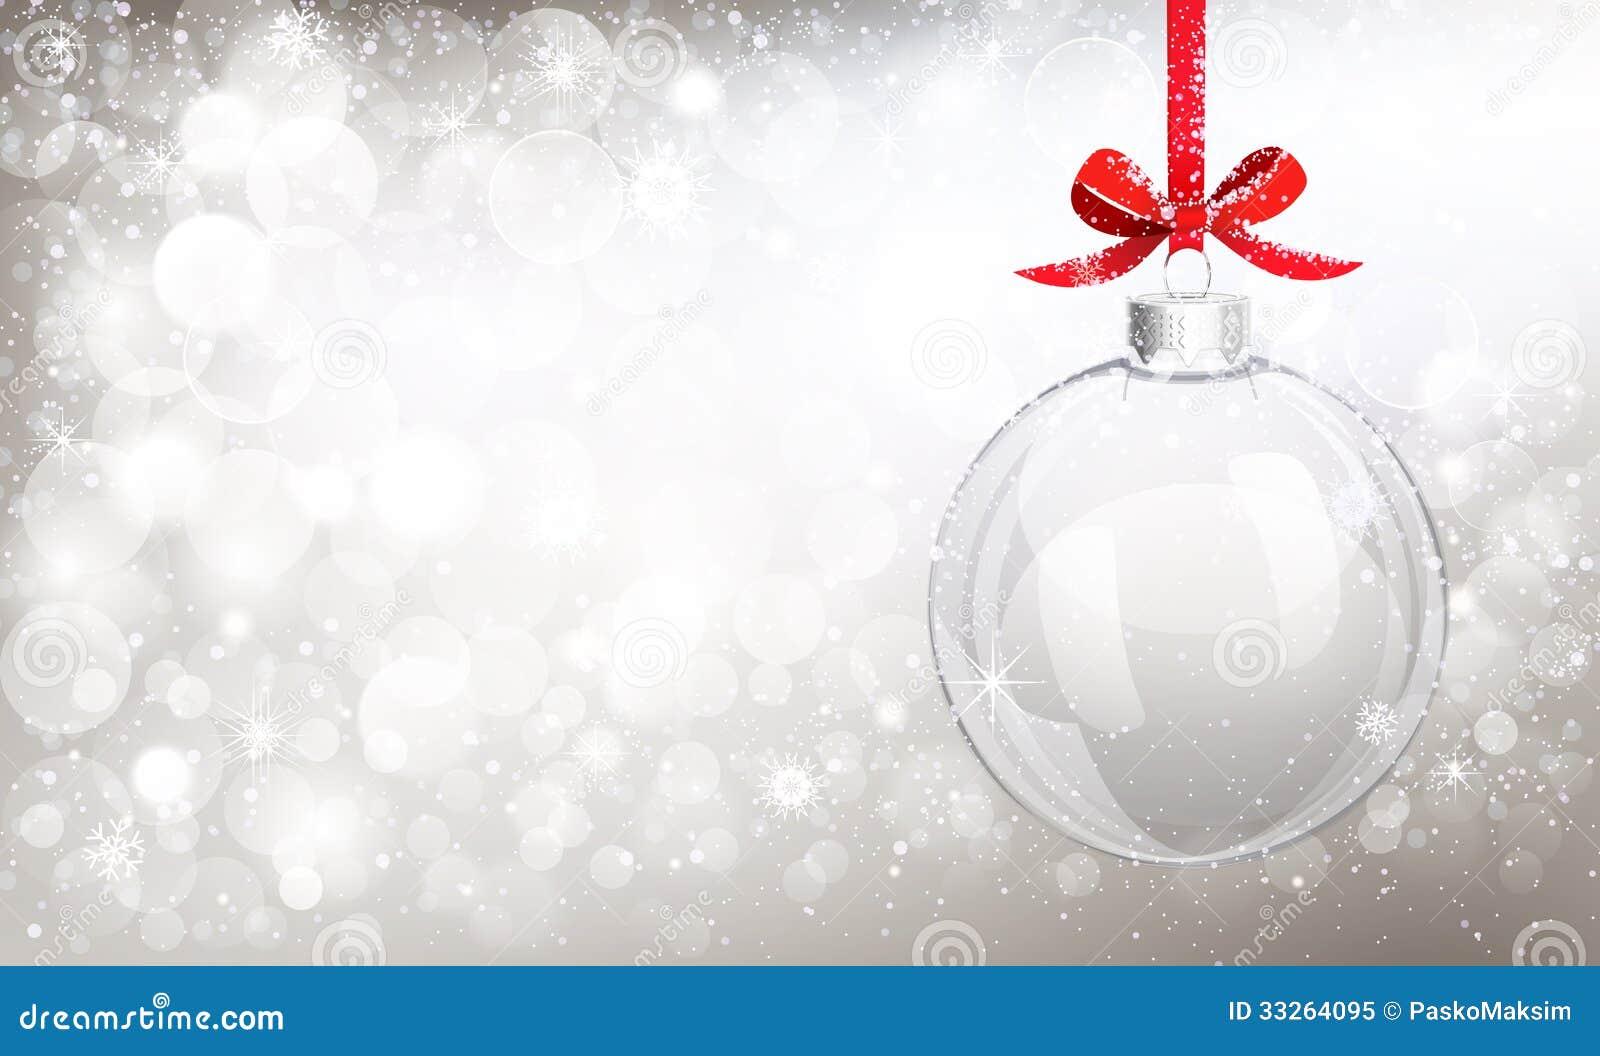 christmas glass ball - Glass Christmas Balls